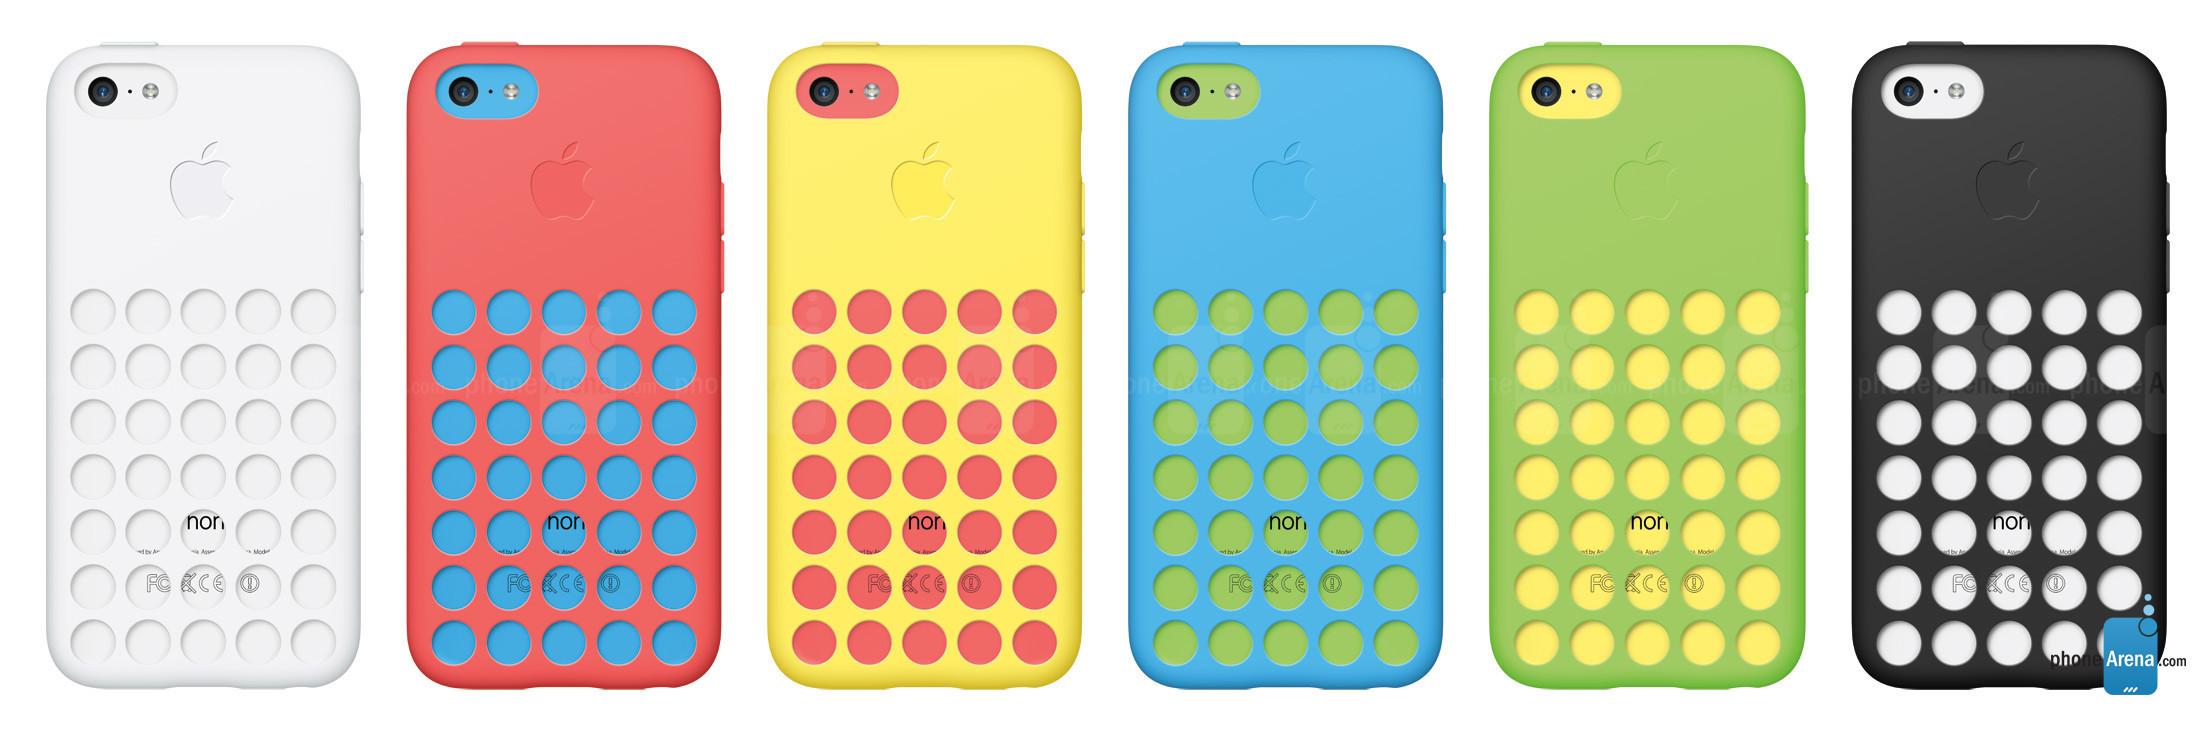 Apple-iPhone-5c-3